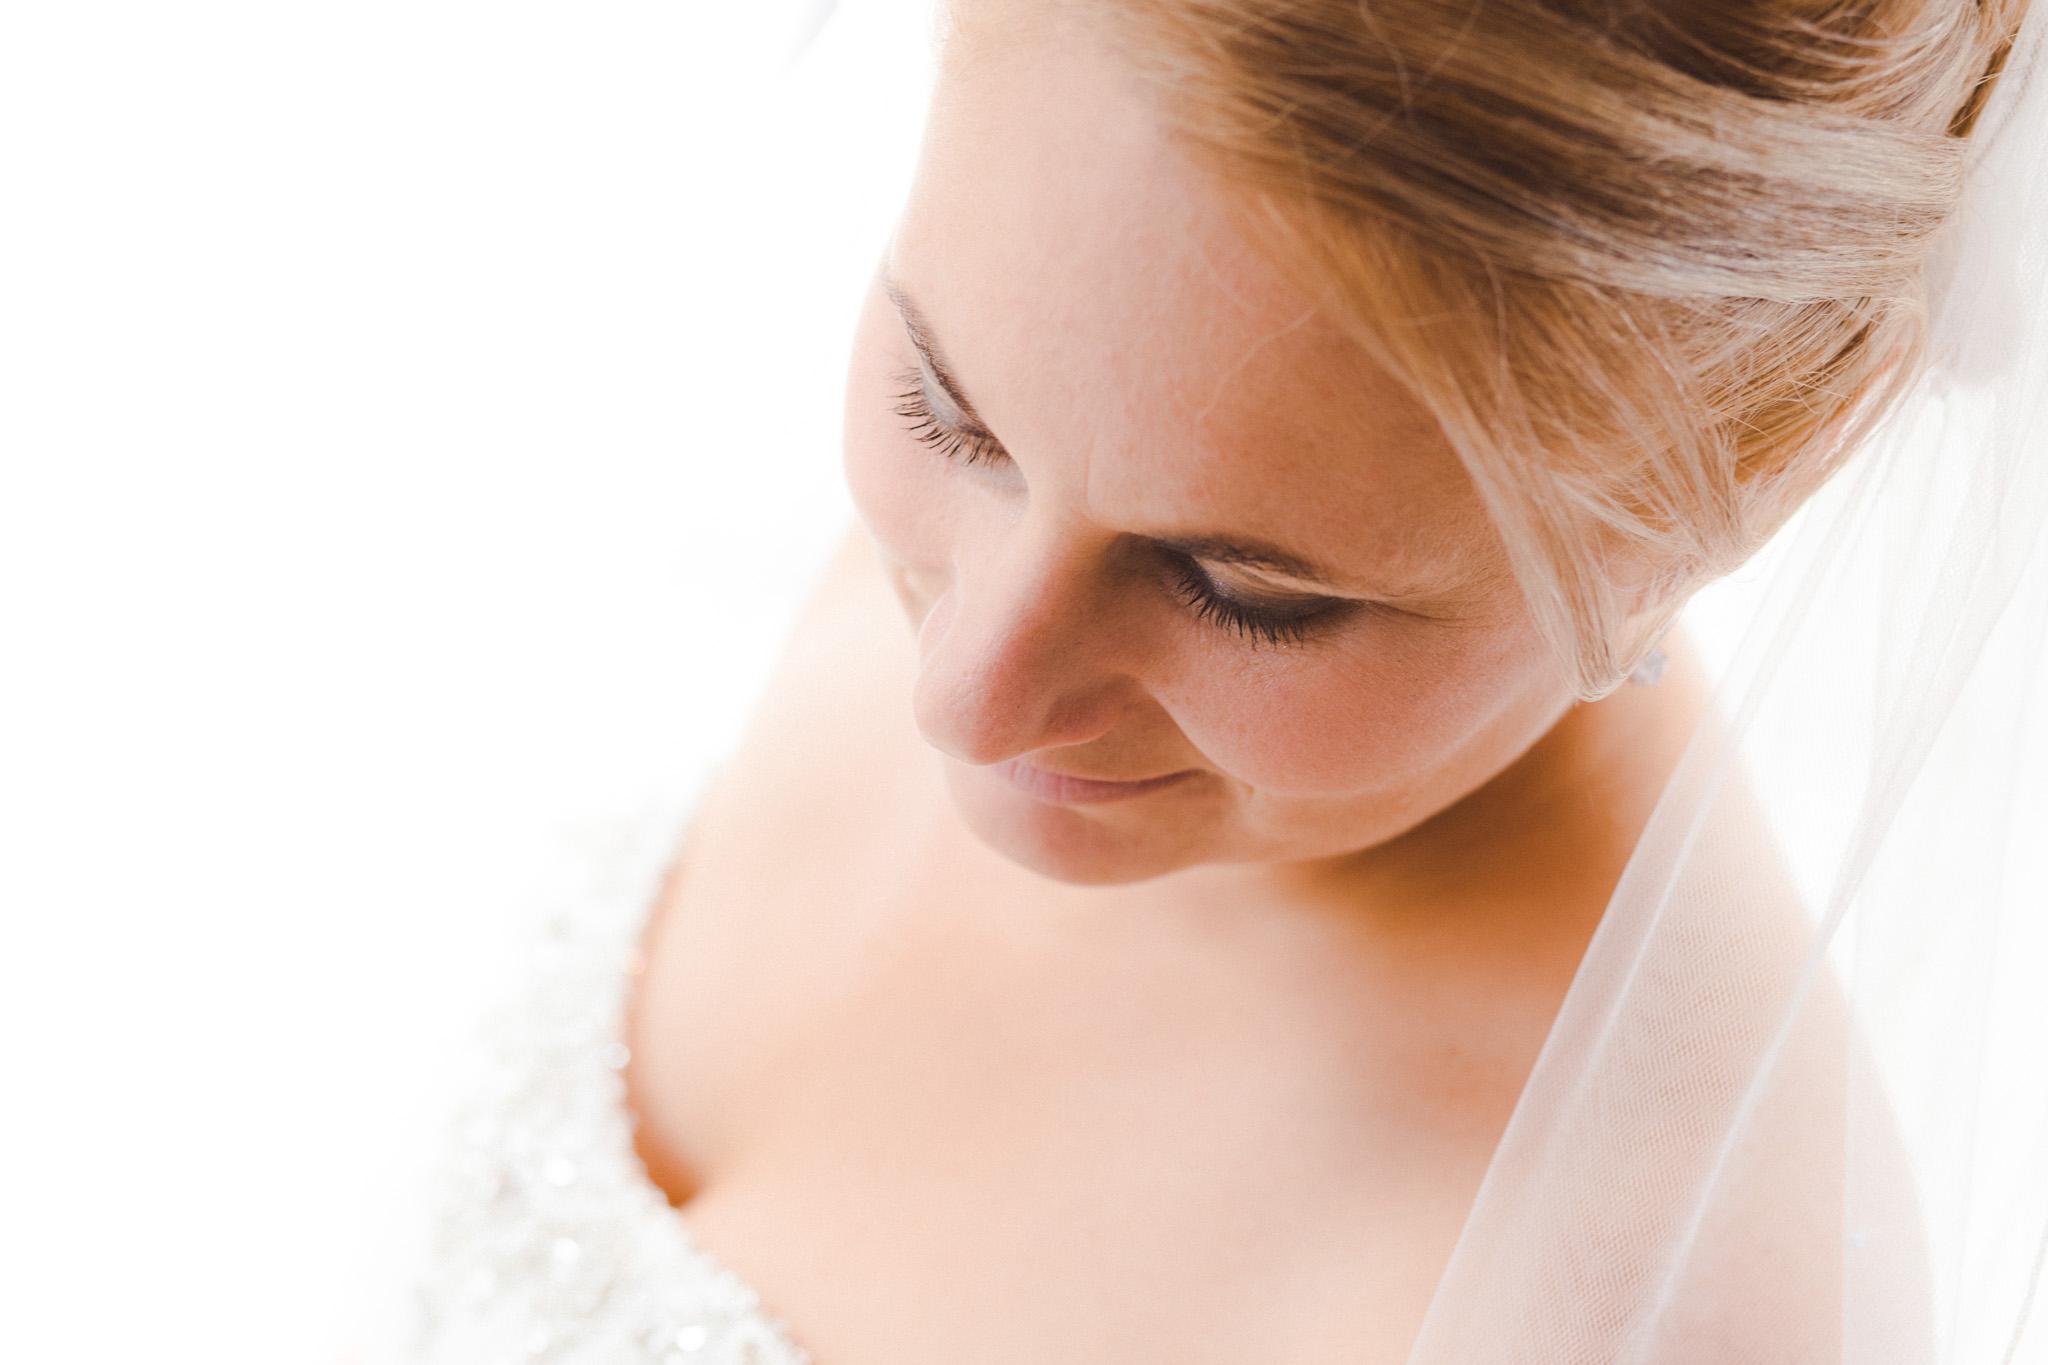 Trouwfotografie portretfoto van een bruid